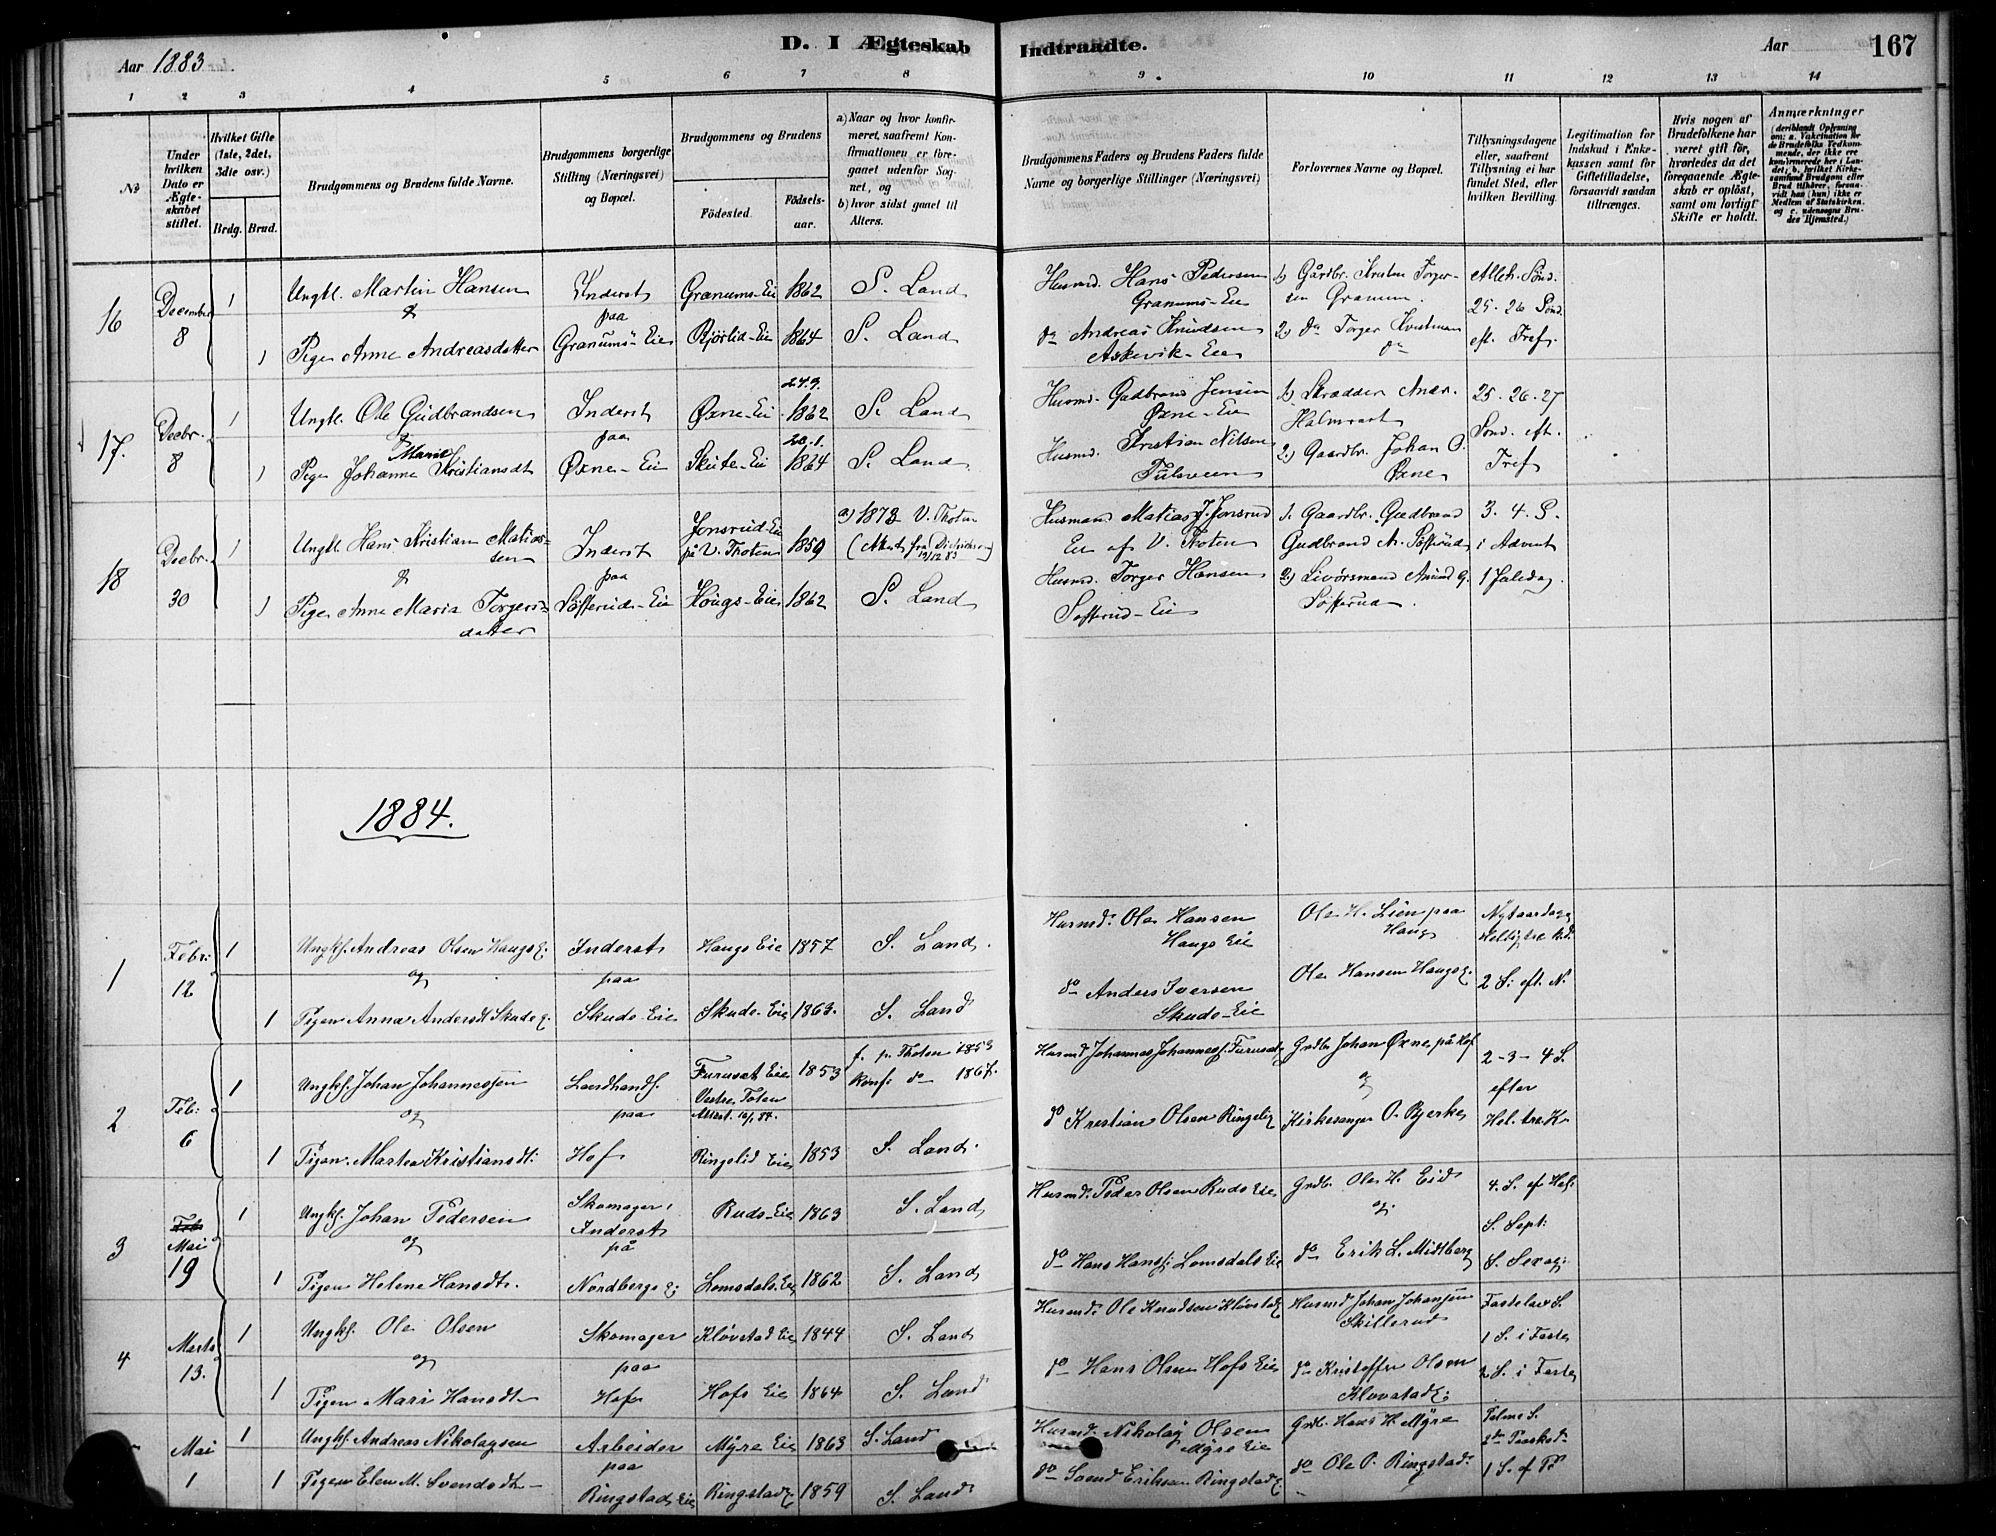 SAH, Søndre Land prestekontor, K/L0003: Ministerialbok nr. 3, 1878-1894, s. 167